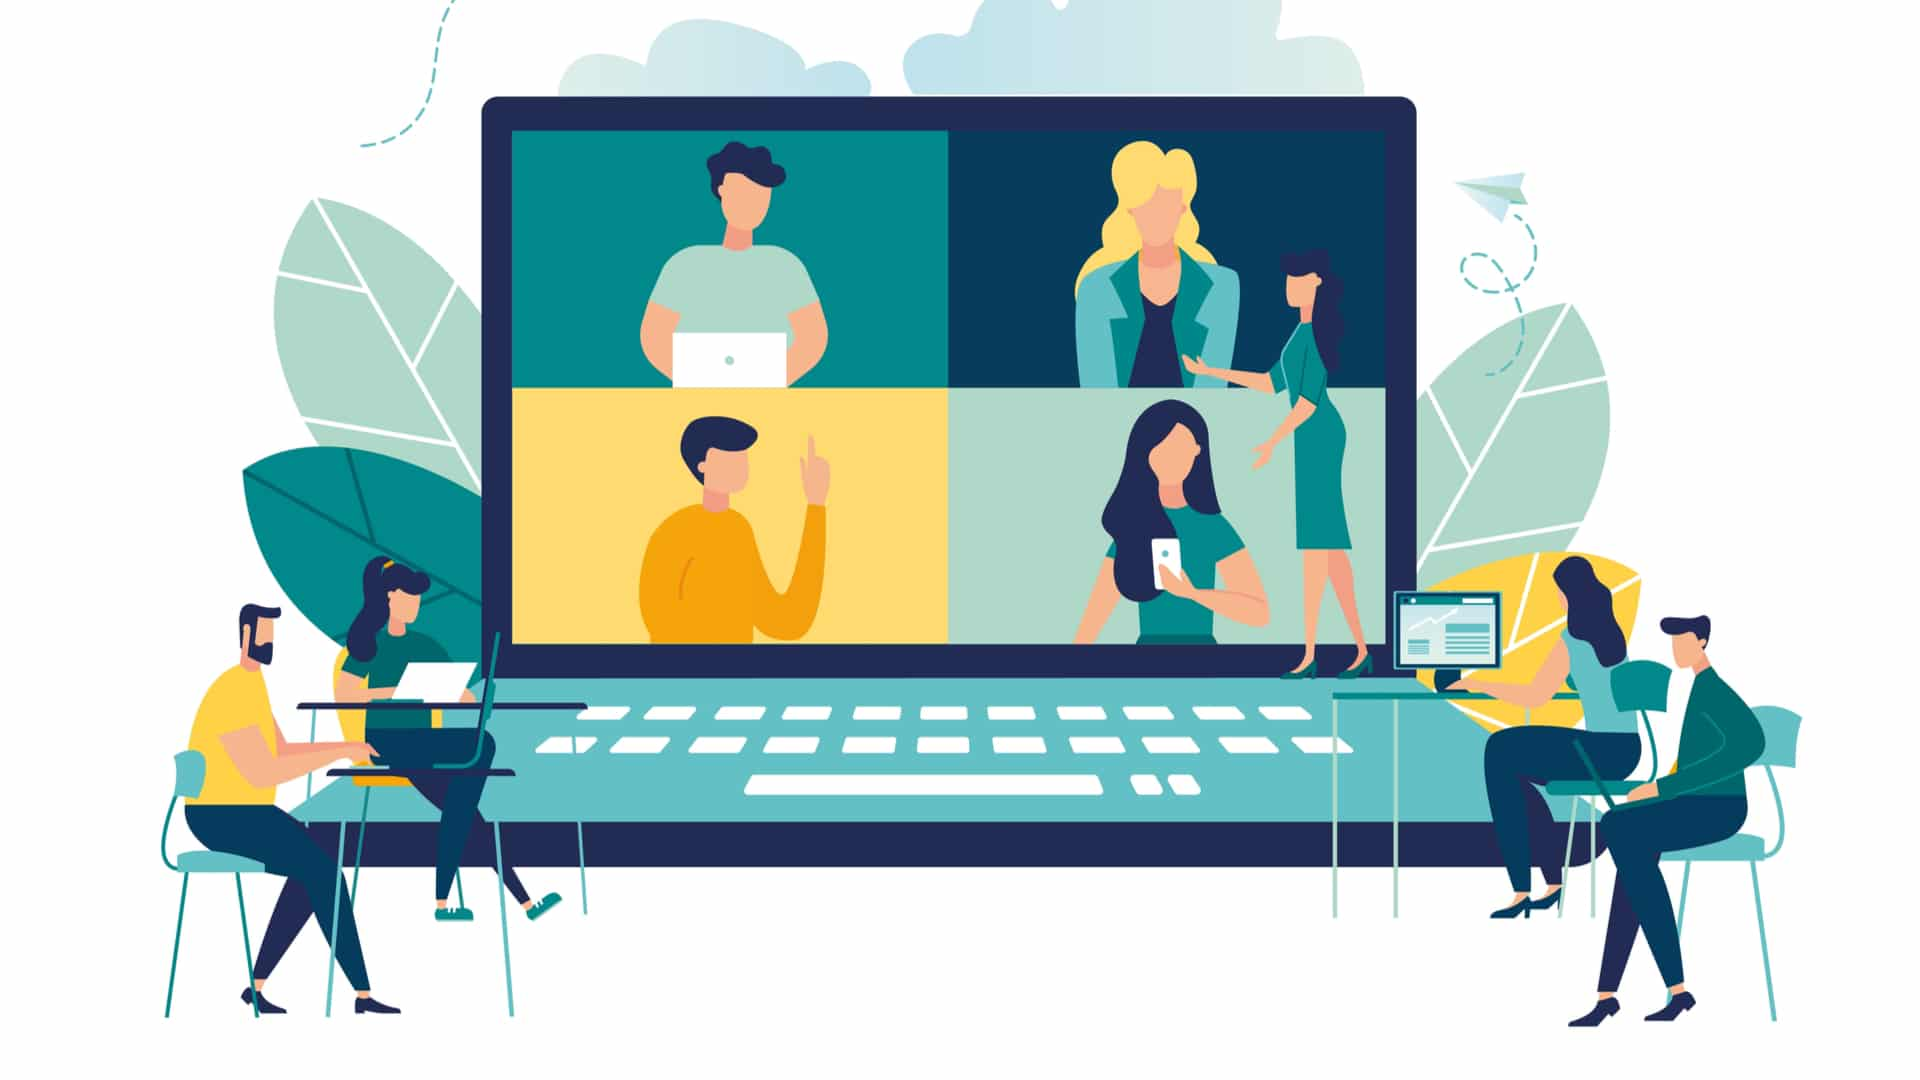 【初めてのオンラインセミナーで失敗したくない人必見】成功するZoomウェブナー準備編 所要時間40分以上なら有料プランを!